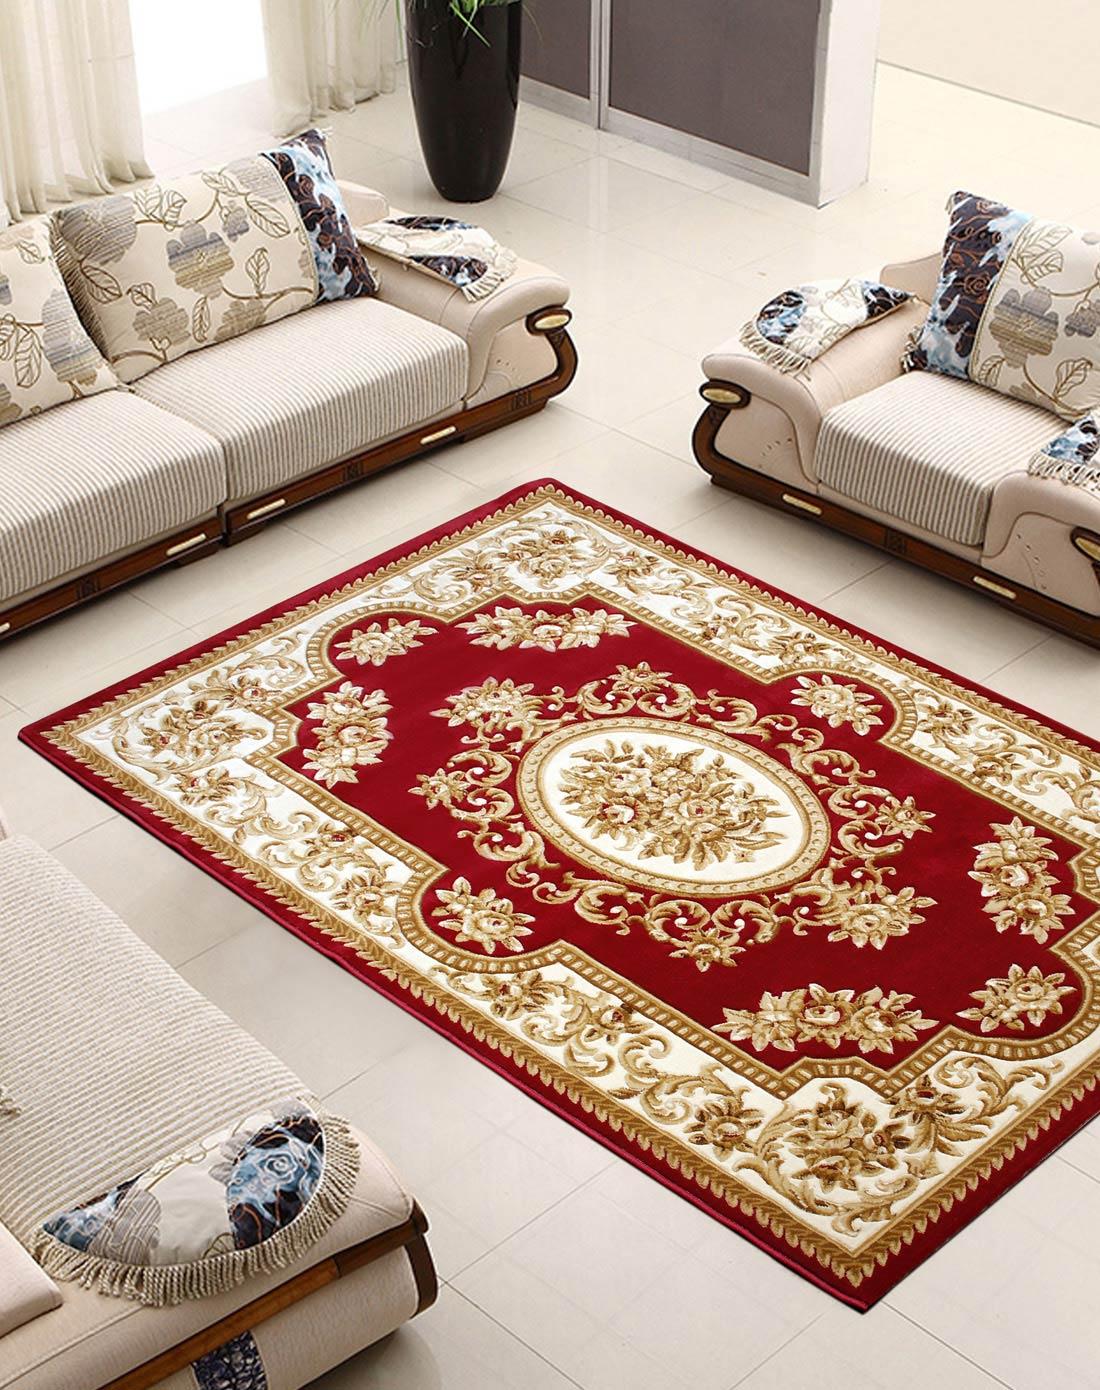 美佳05r欧式客厅地毯 160*230cm